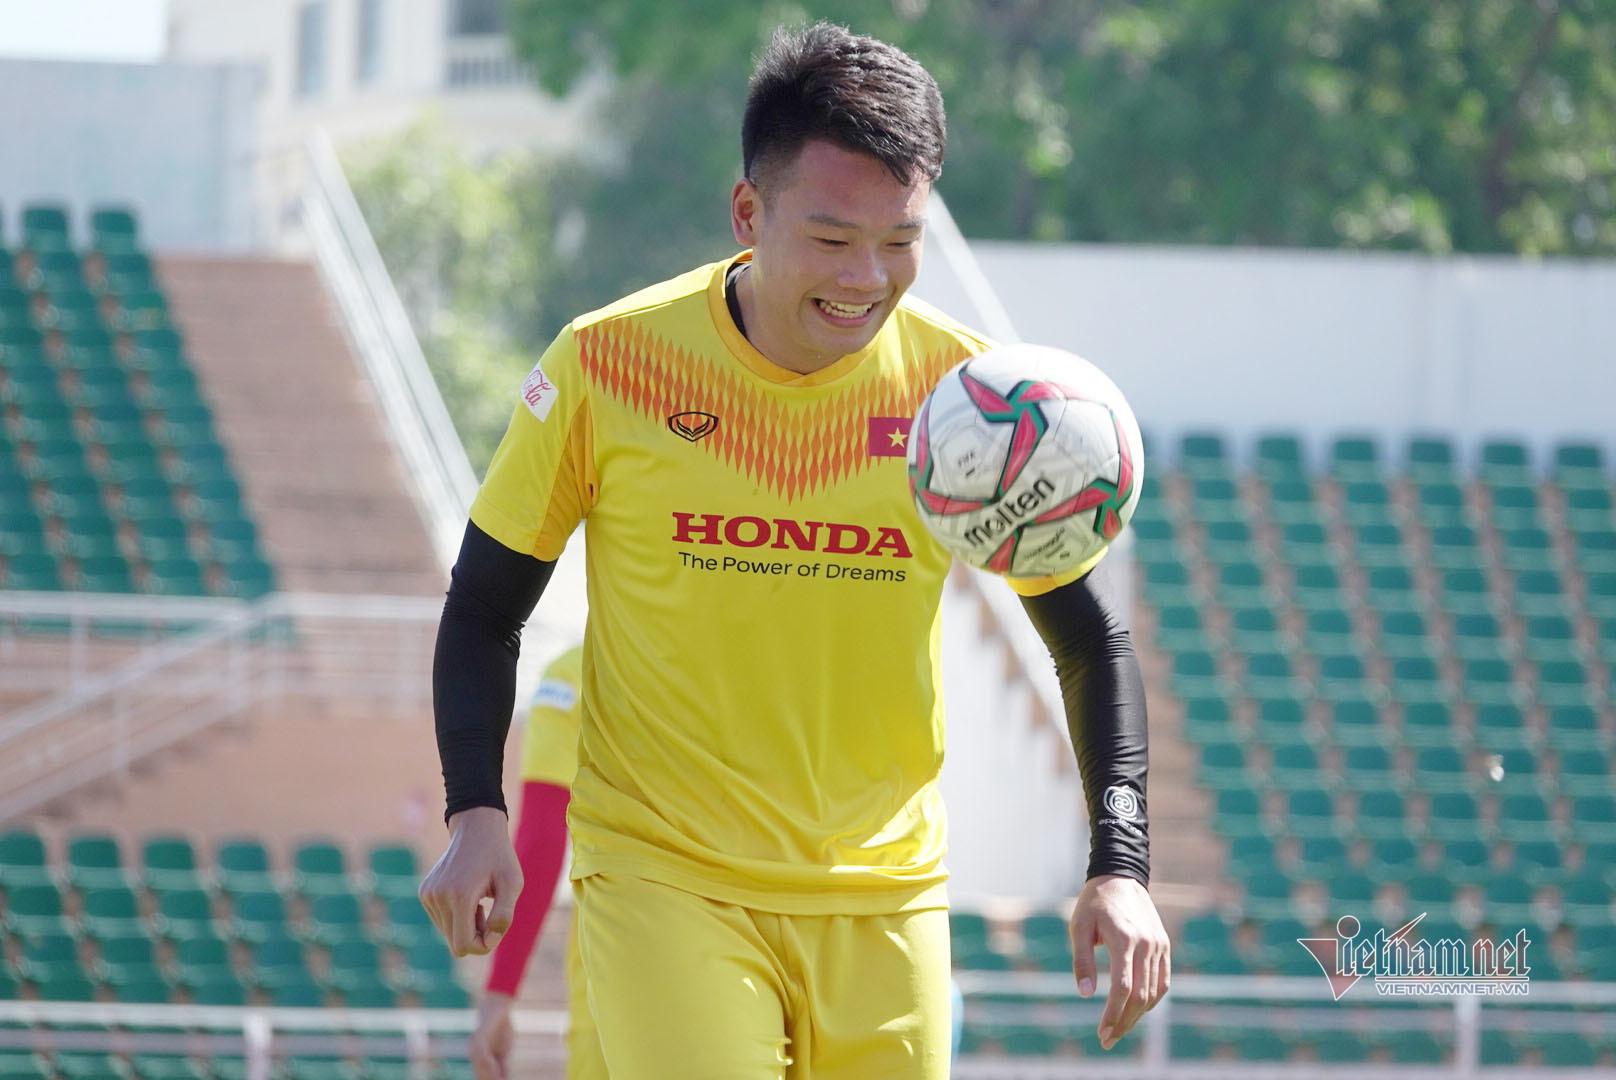 Sao U23 Việt Nam đáp cực gắt Messi Thái sau lời khiêu chiến-6